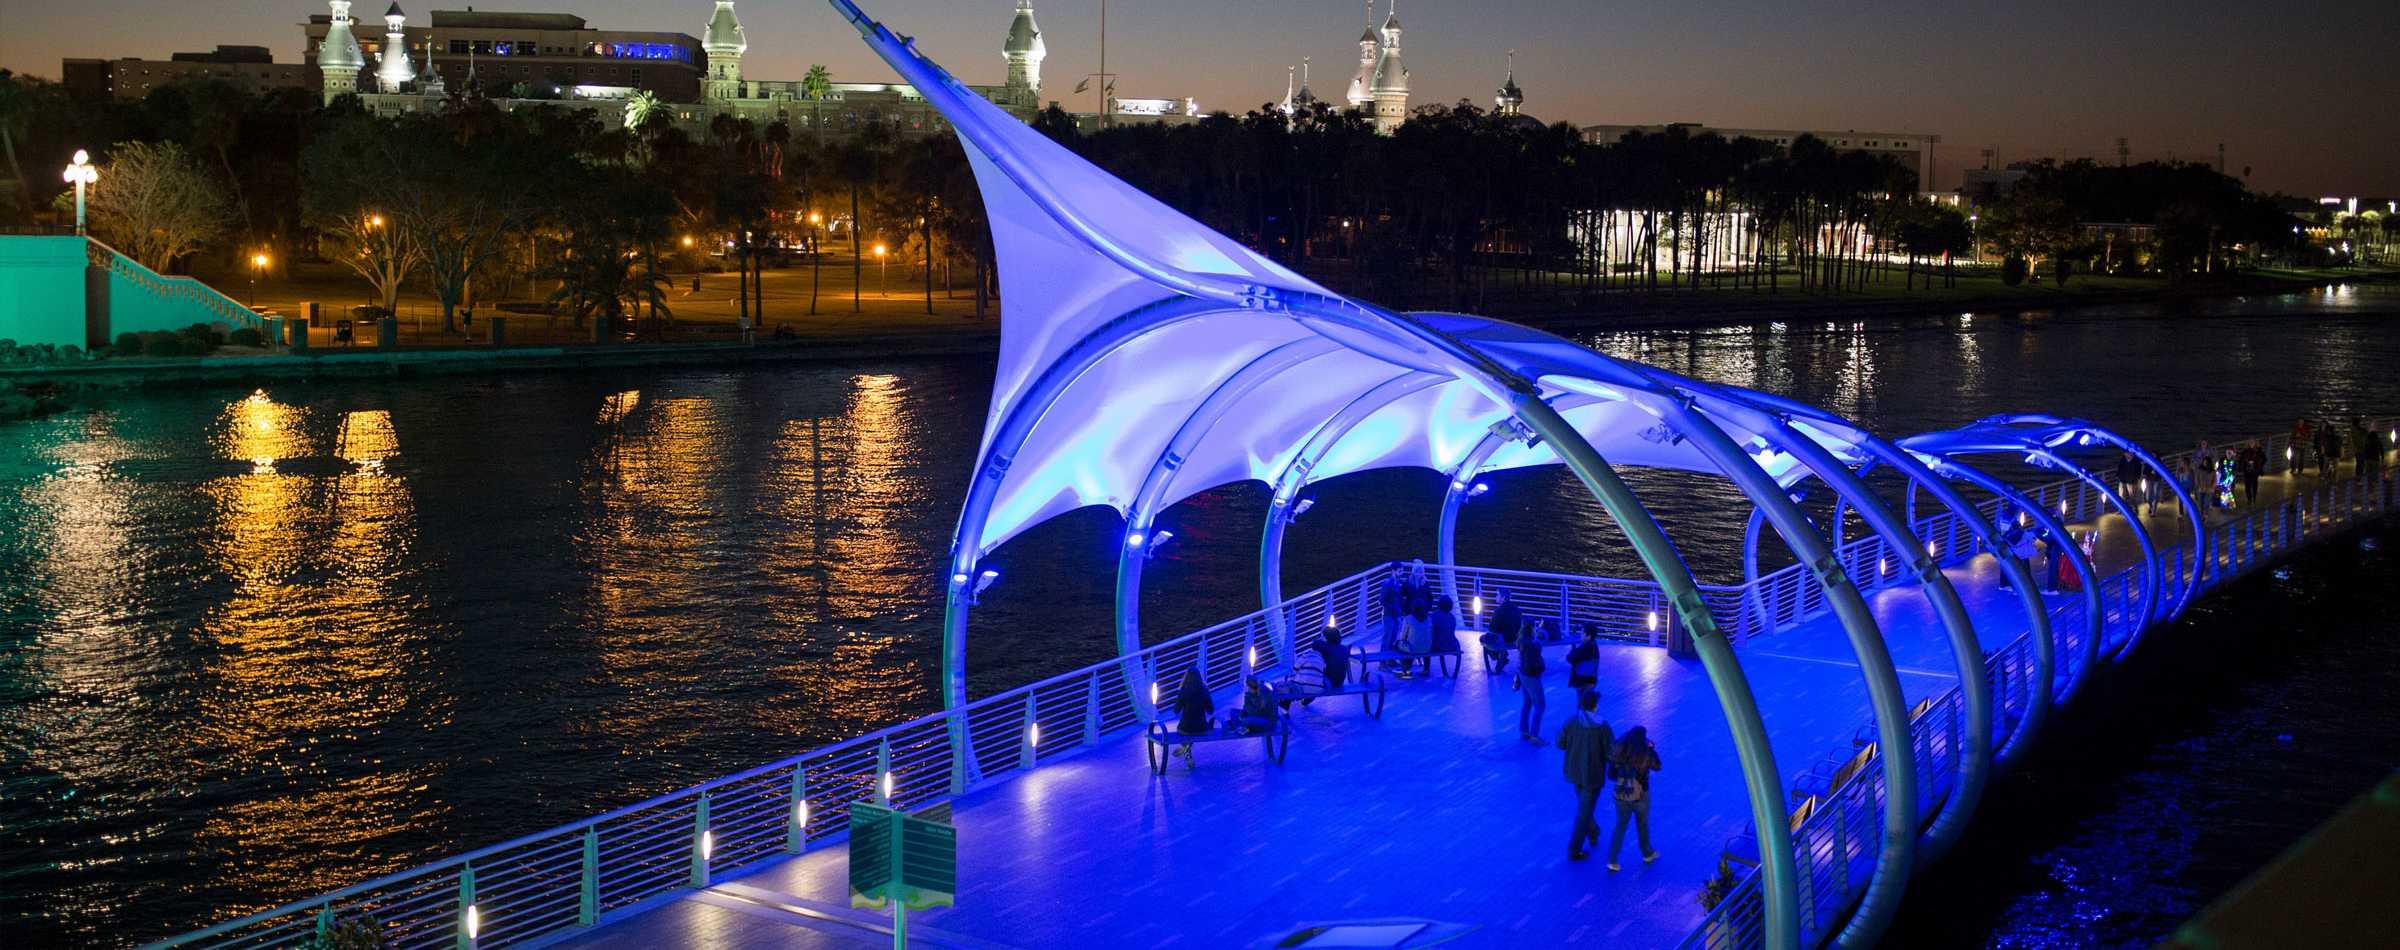 Tampa's Riverwalk